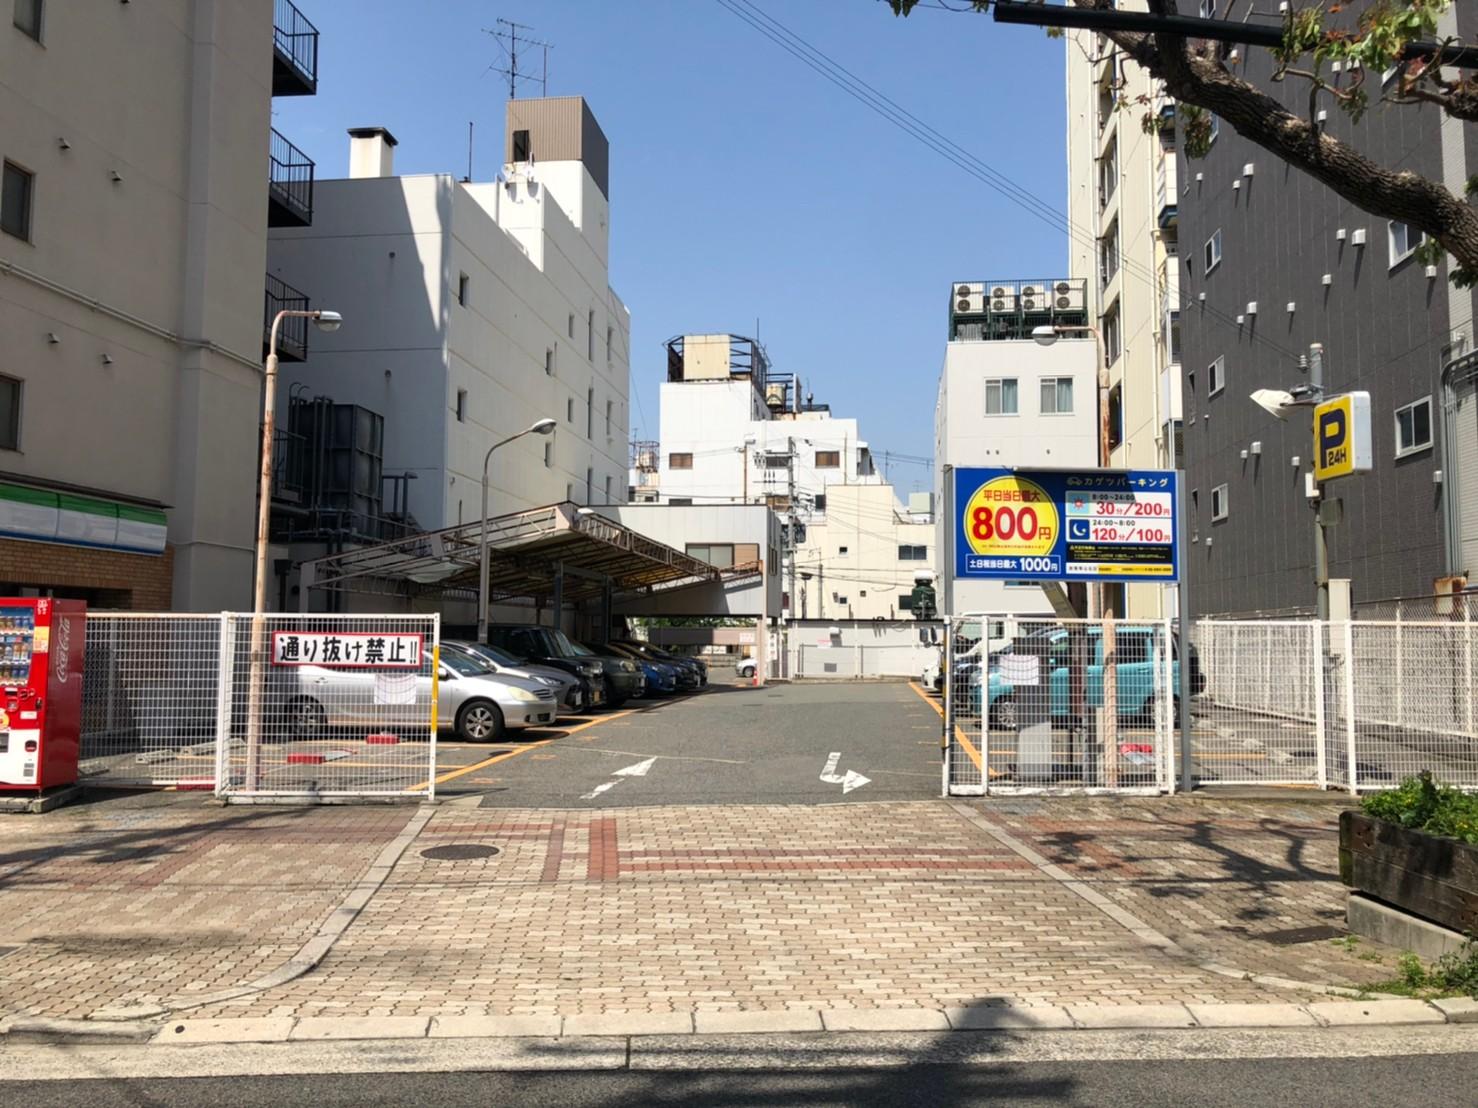 【時間貸し駐車場 神戸市兵庫区福原町】カゲツパーキング